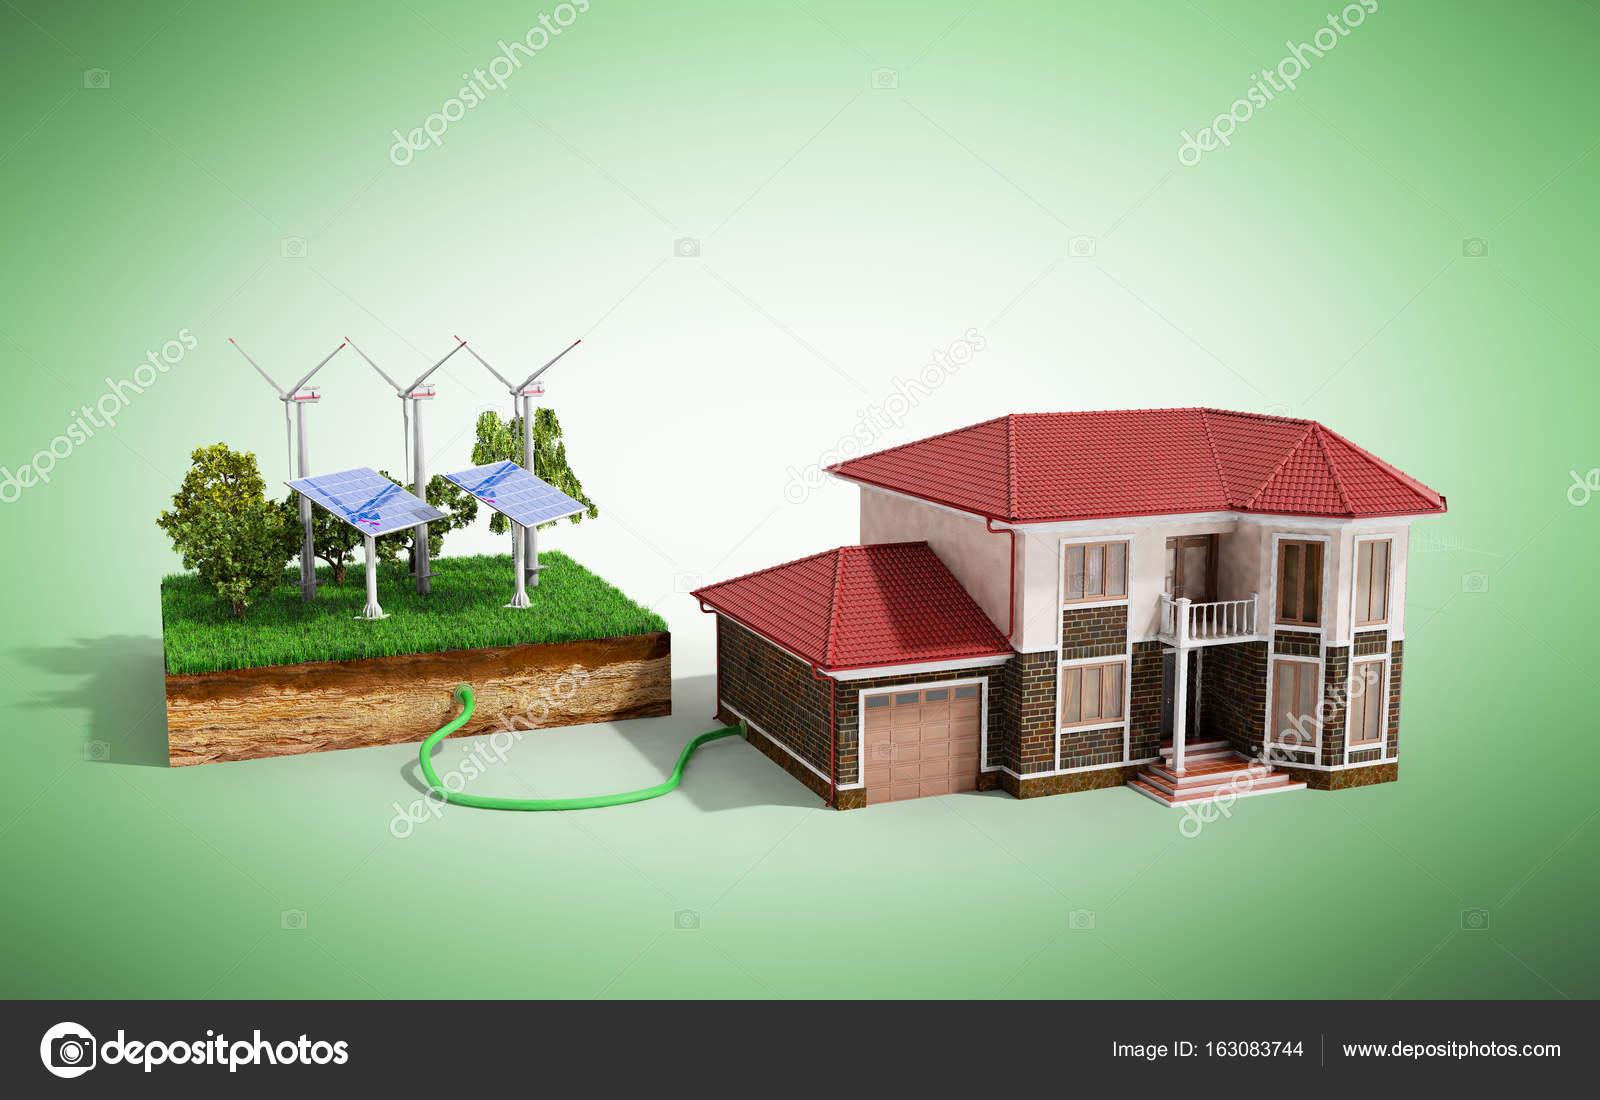 Připojte solární panel k domu